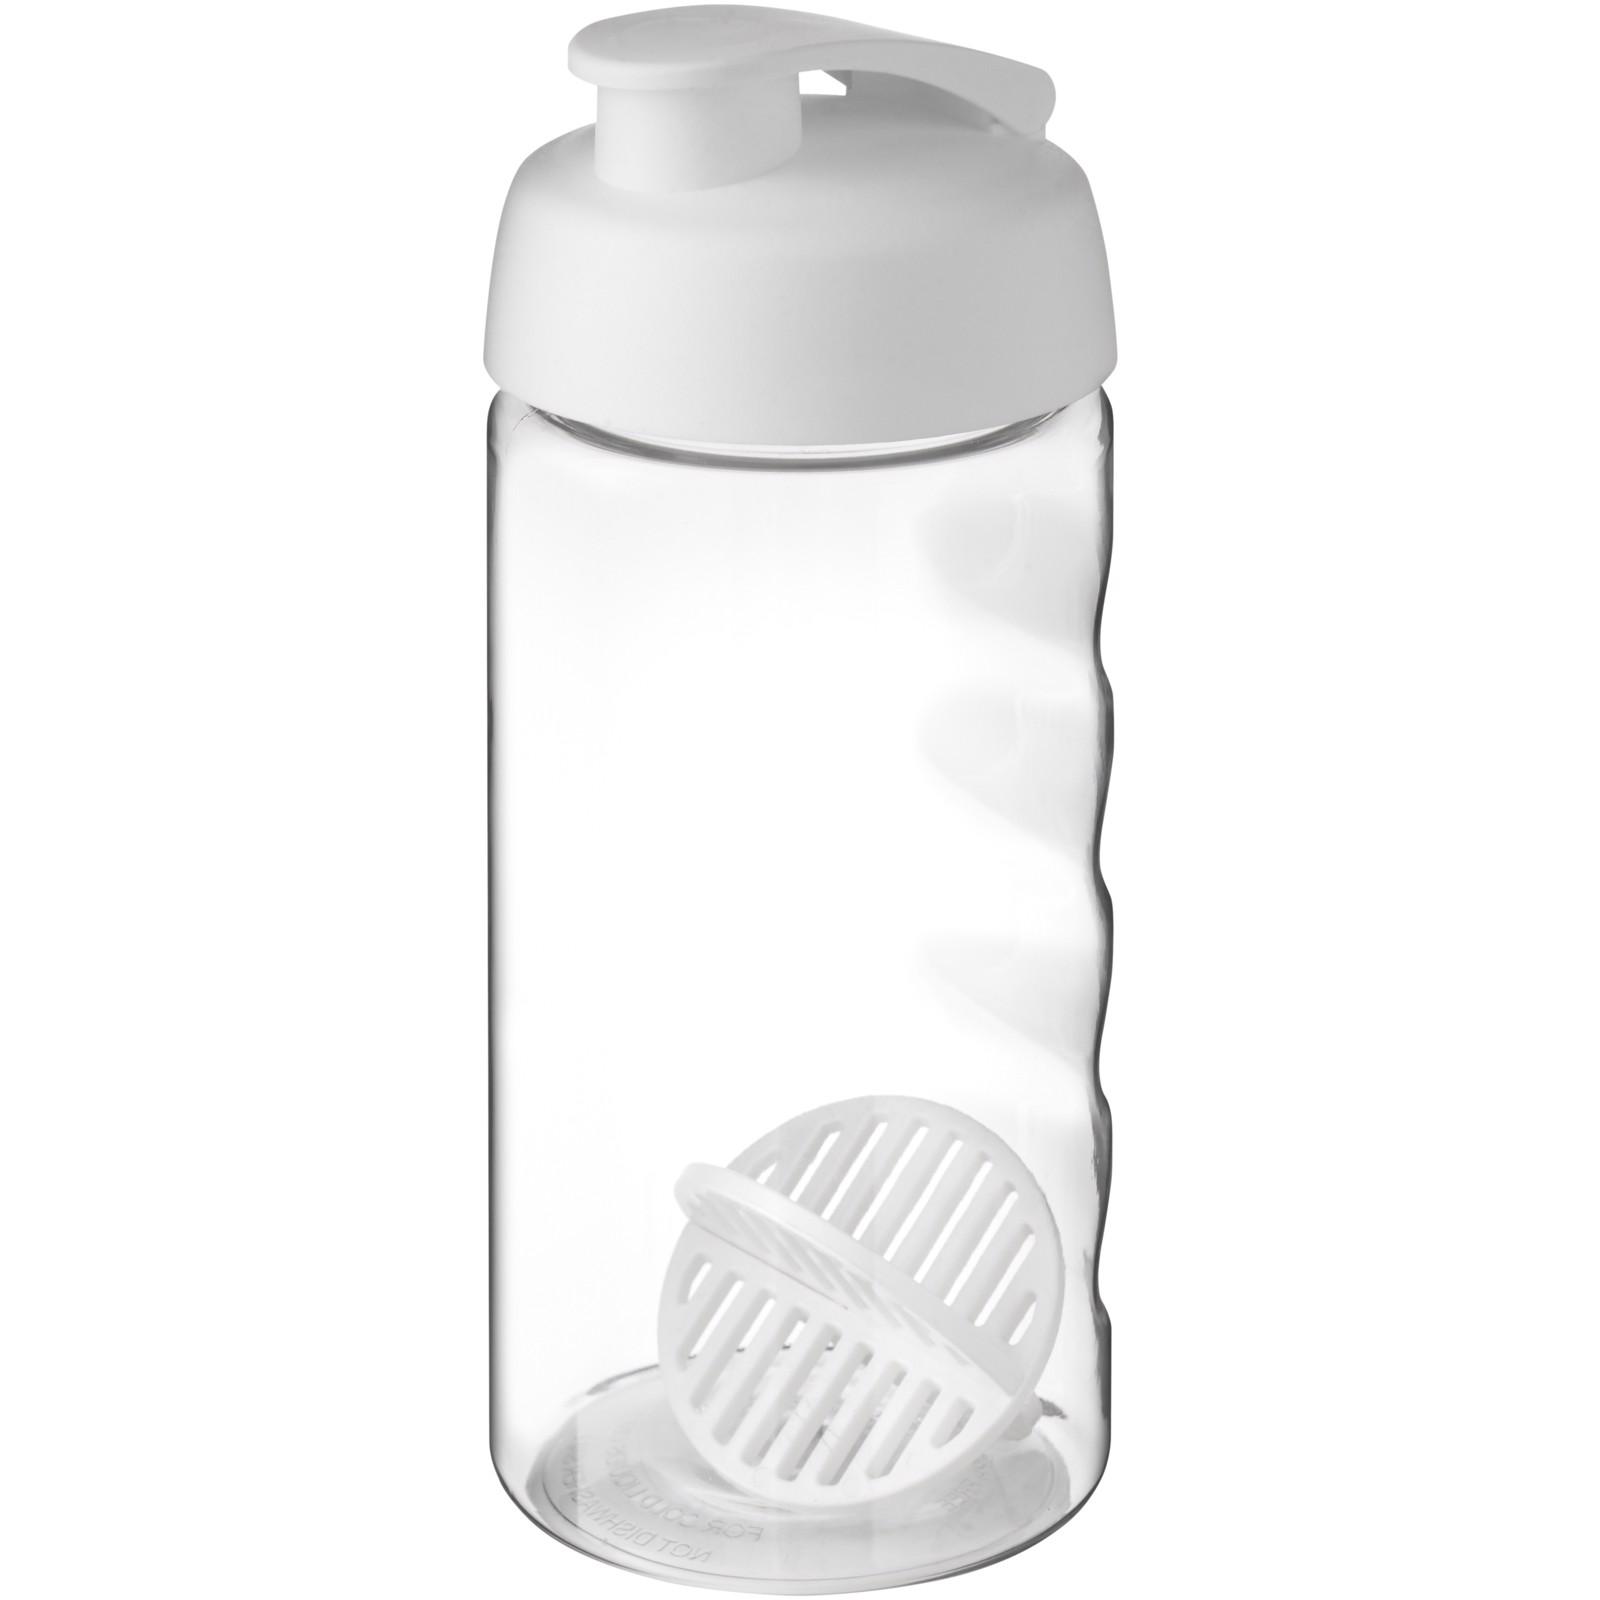 H2O Active Bop 500ml šejkrová lahev - Bílá / Průhledná